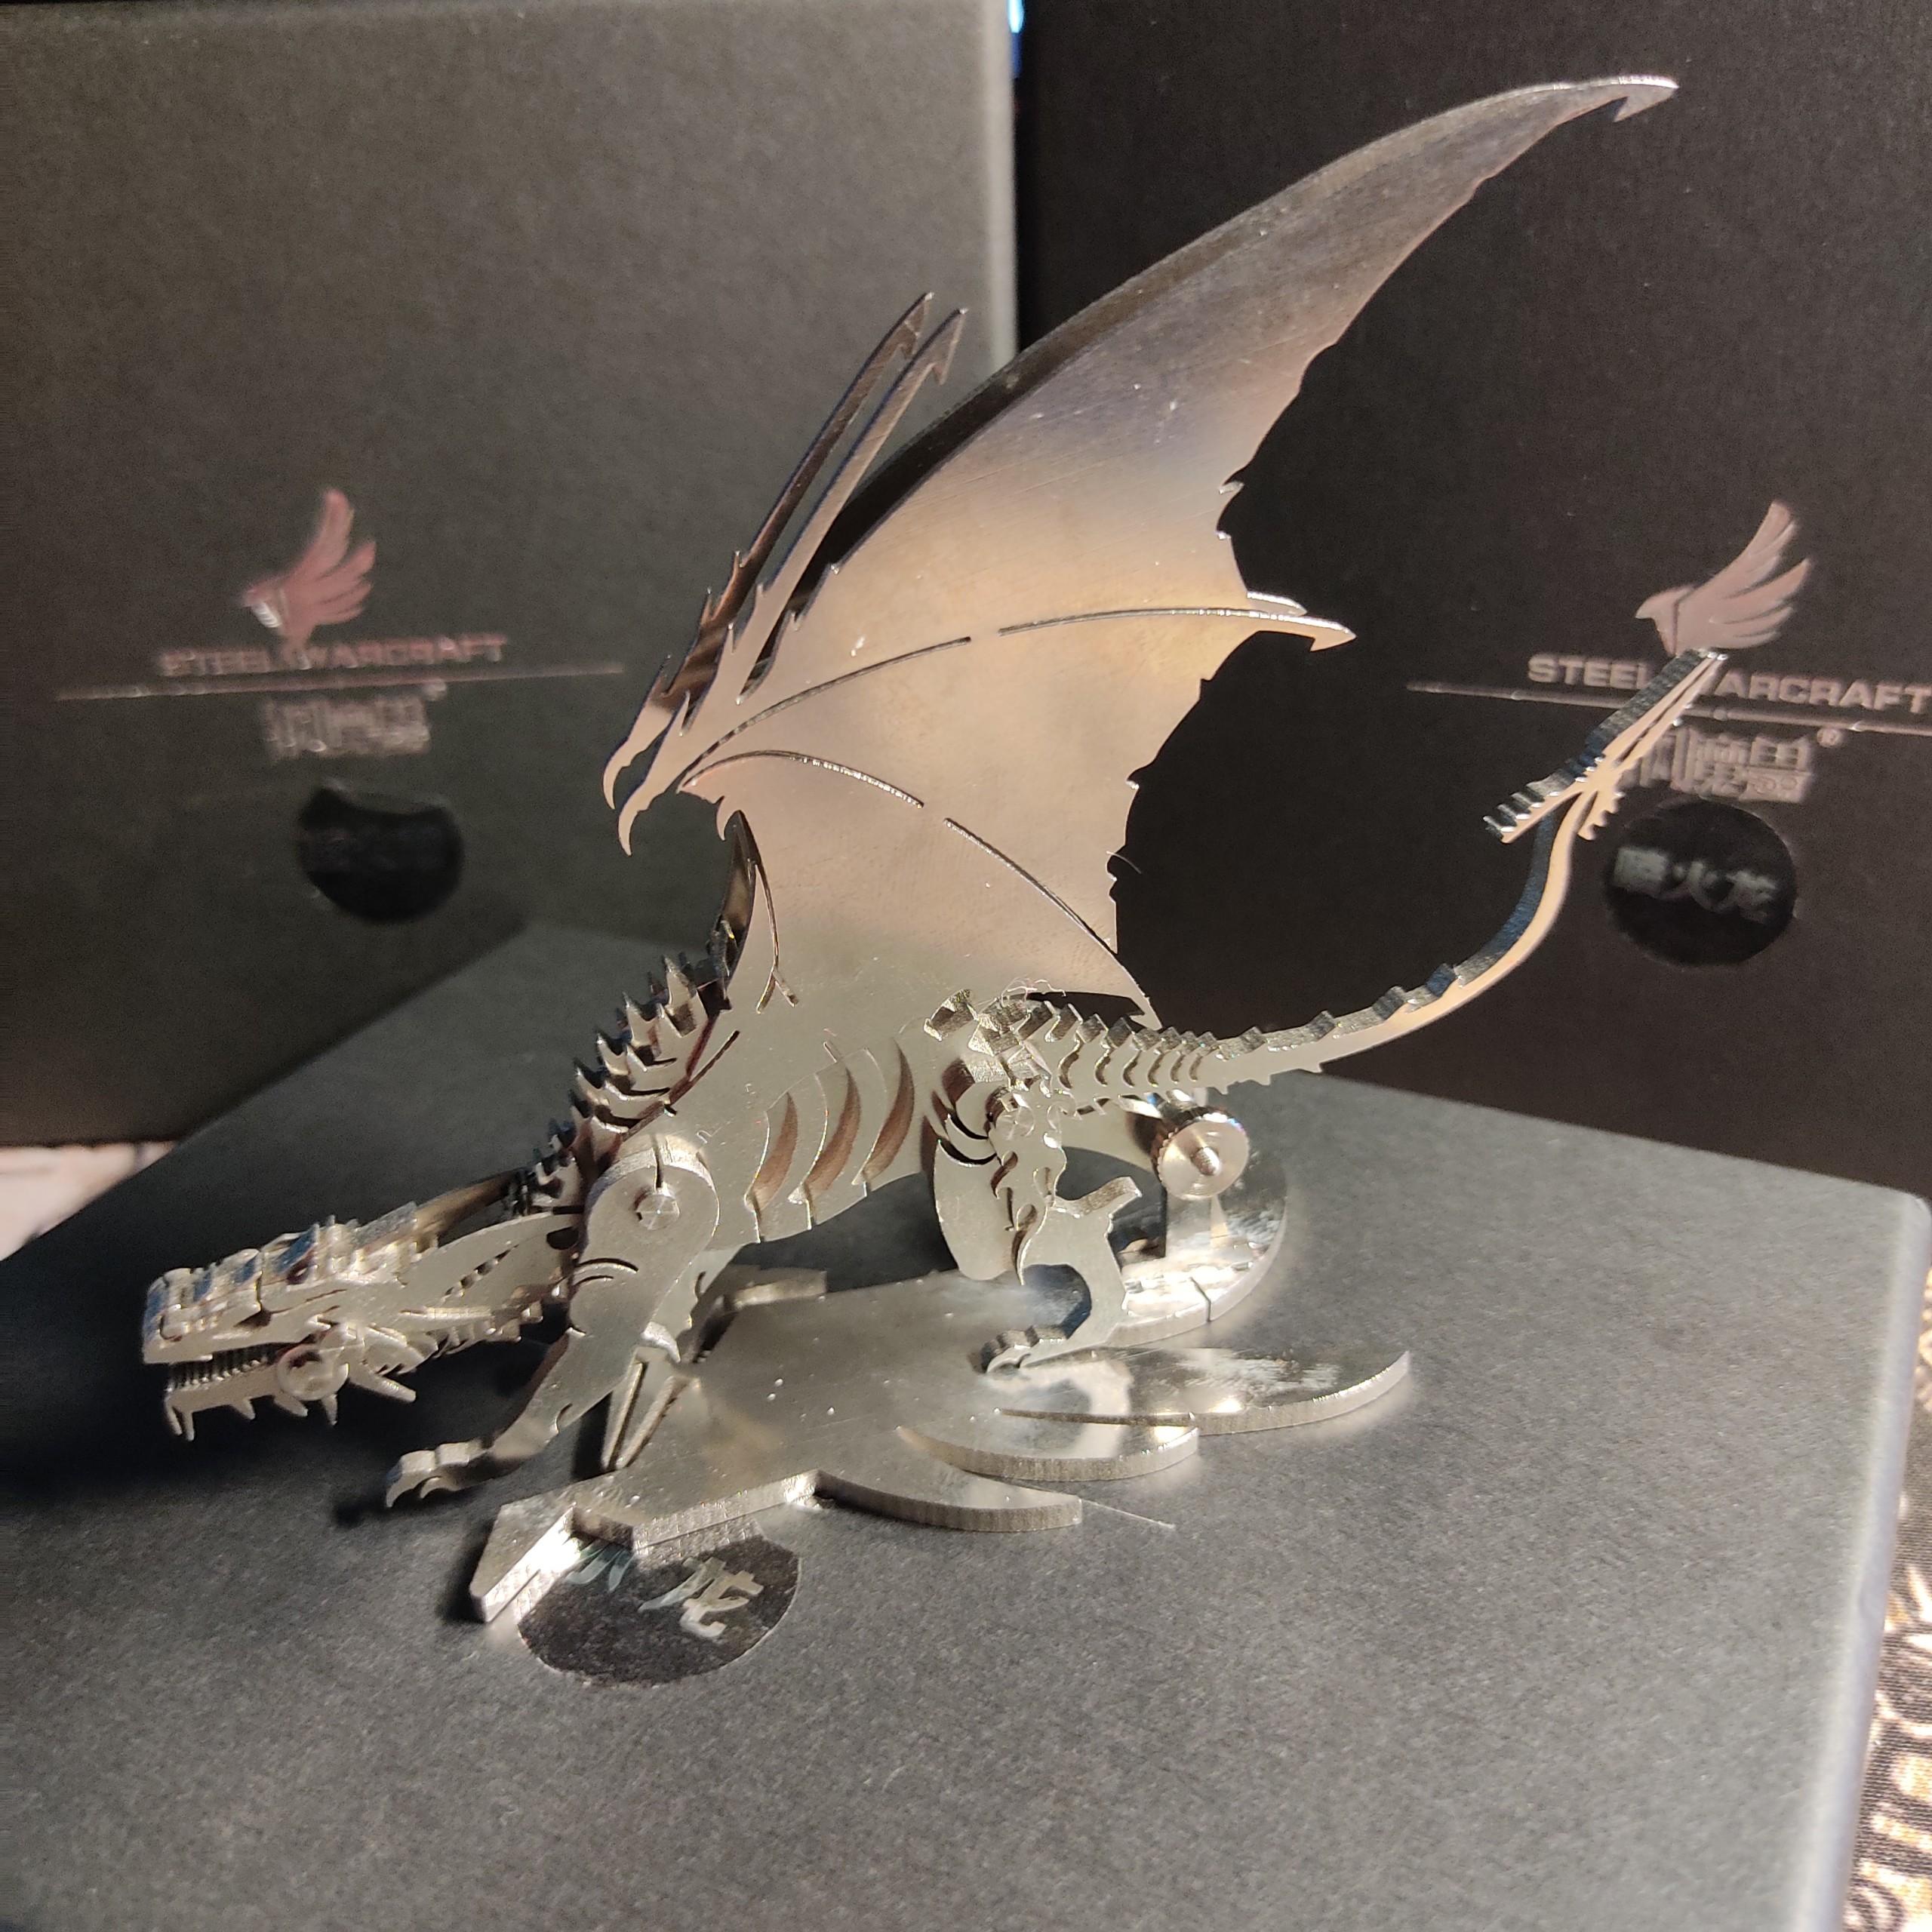 Mô hình rồng lắp ghép chất liệu kim loại, mô hình trang trí